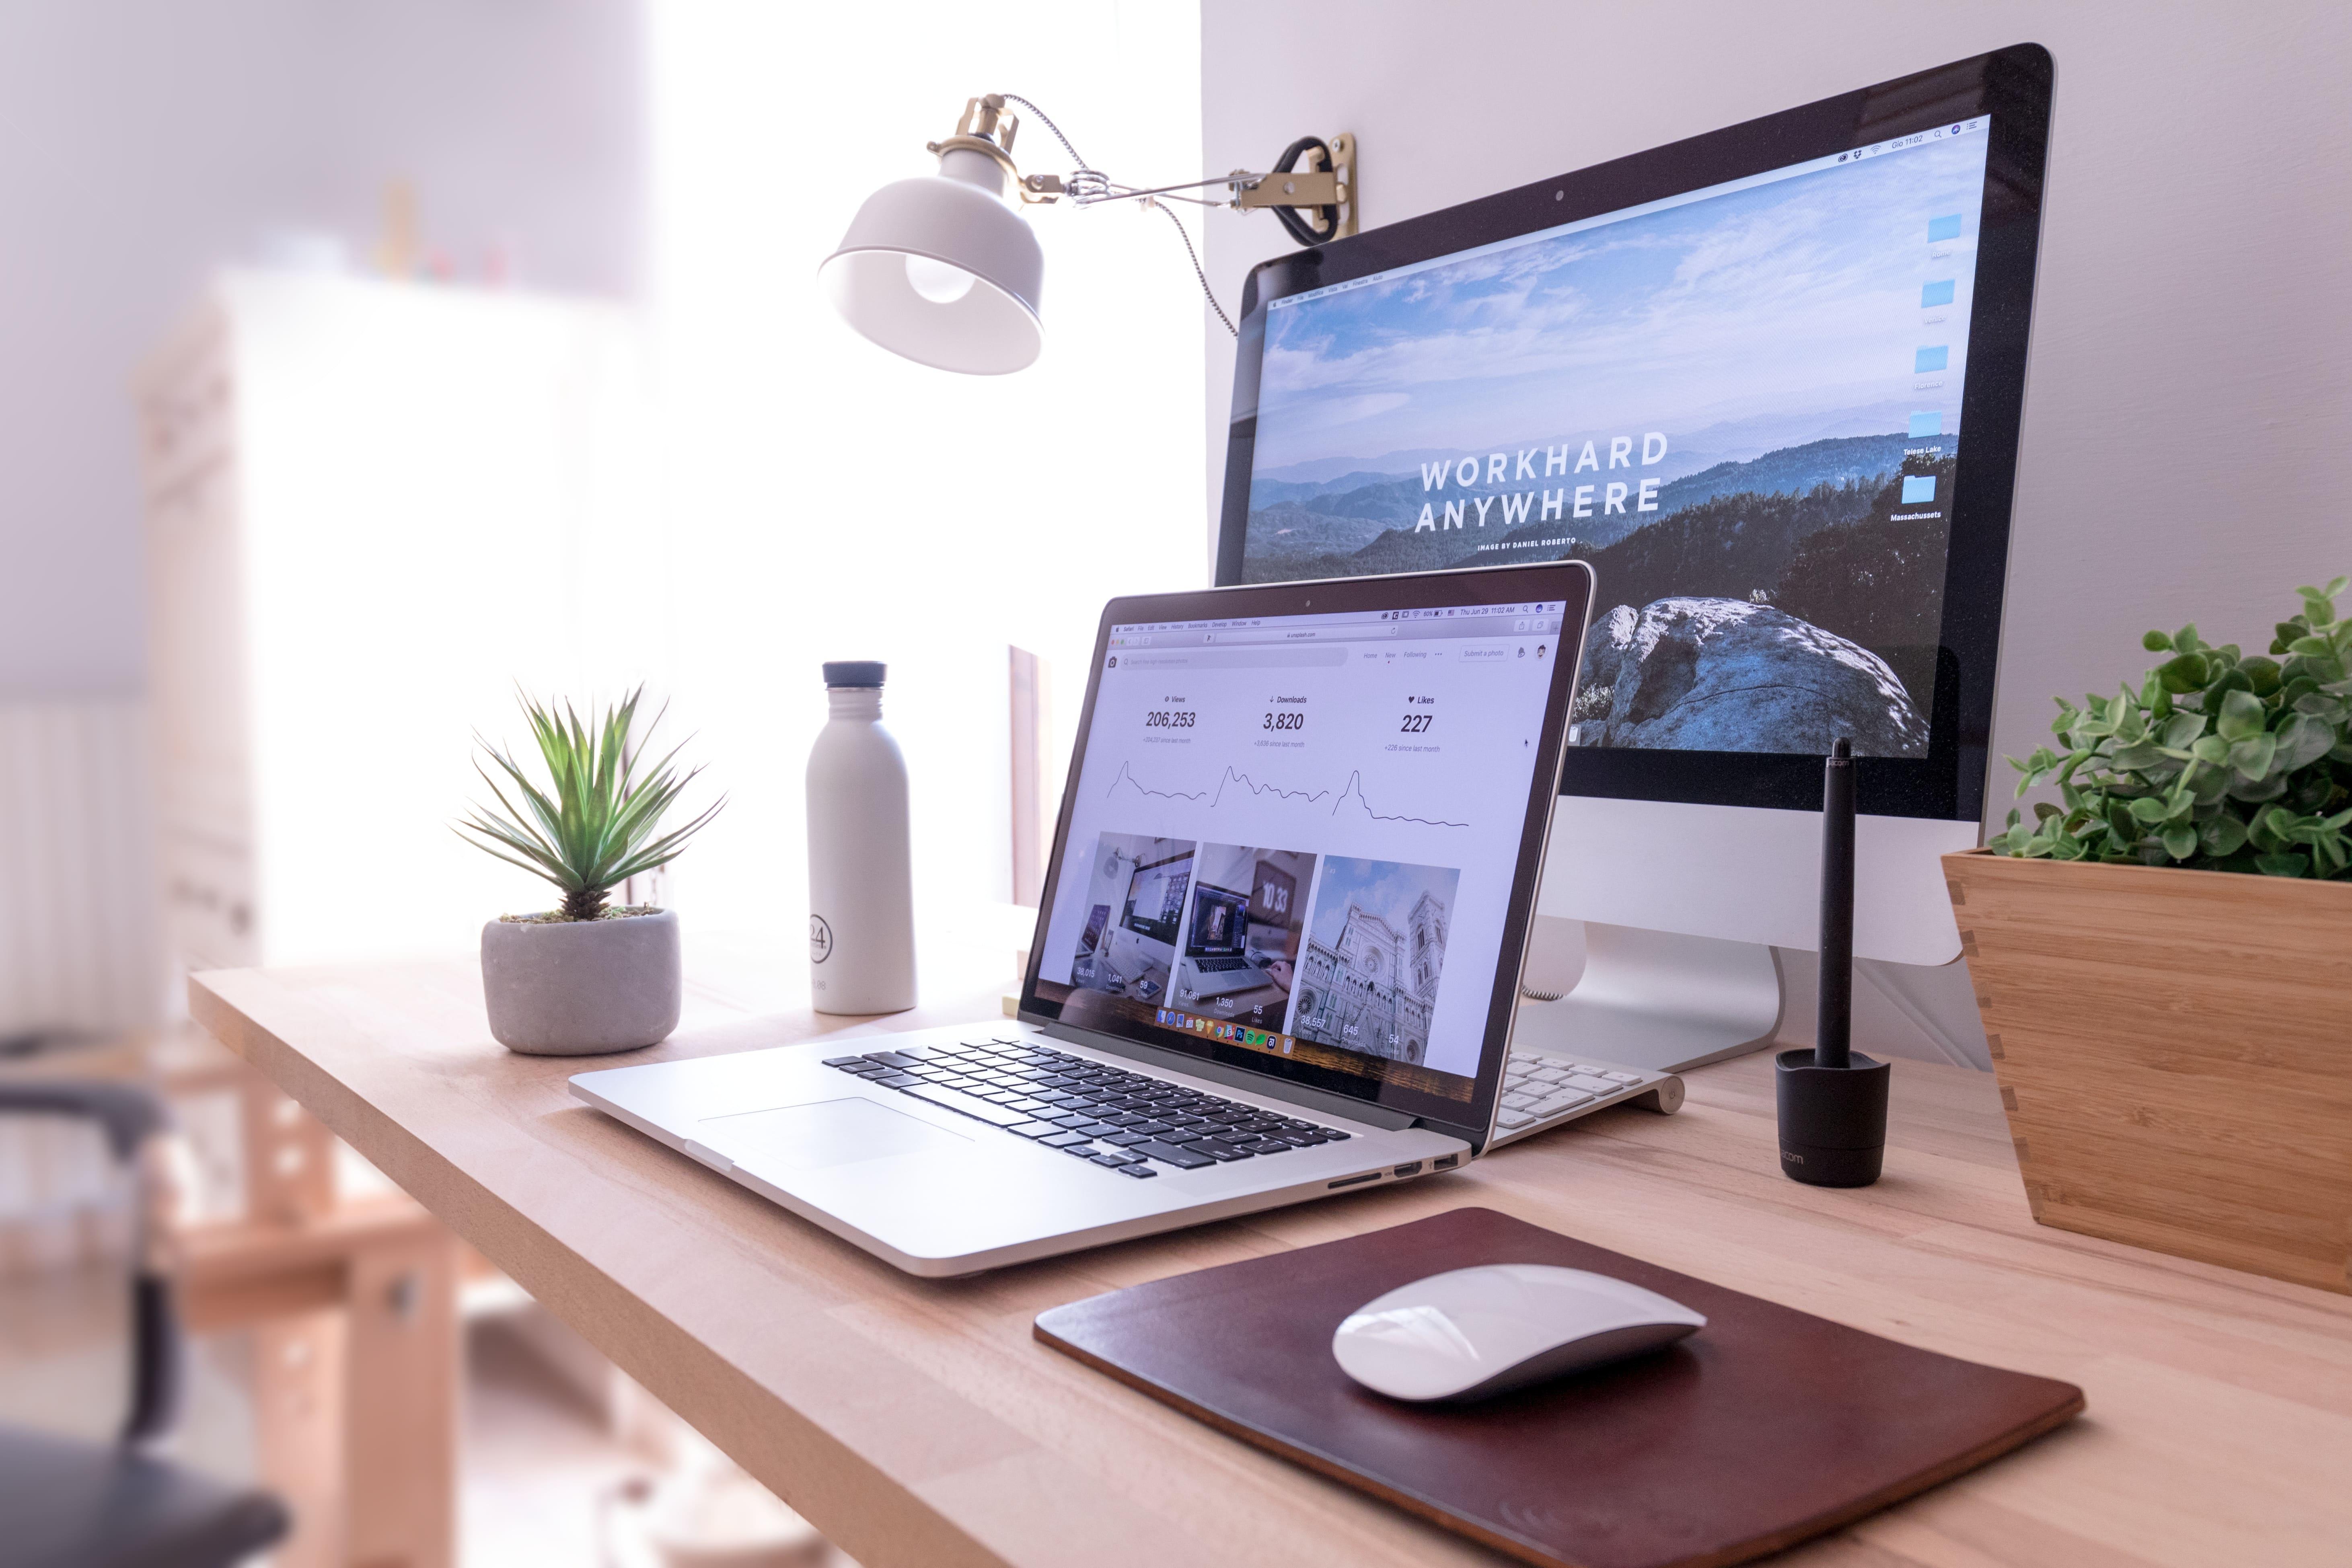 Praca zdomu, praca zdalna, biurko zkomputerem